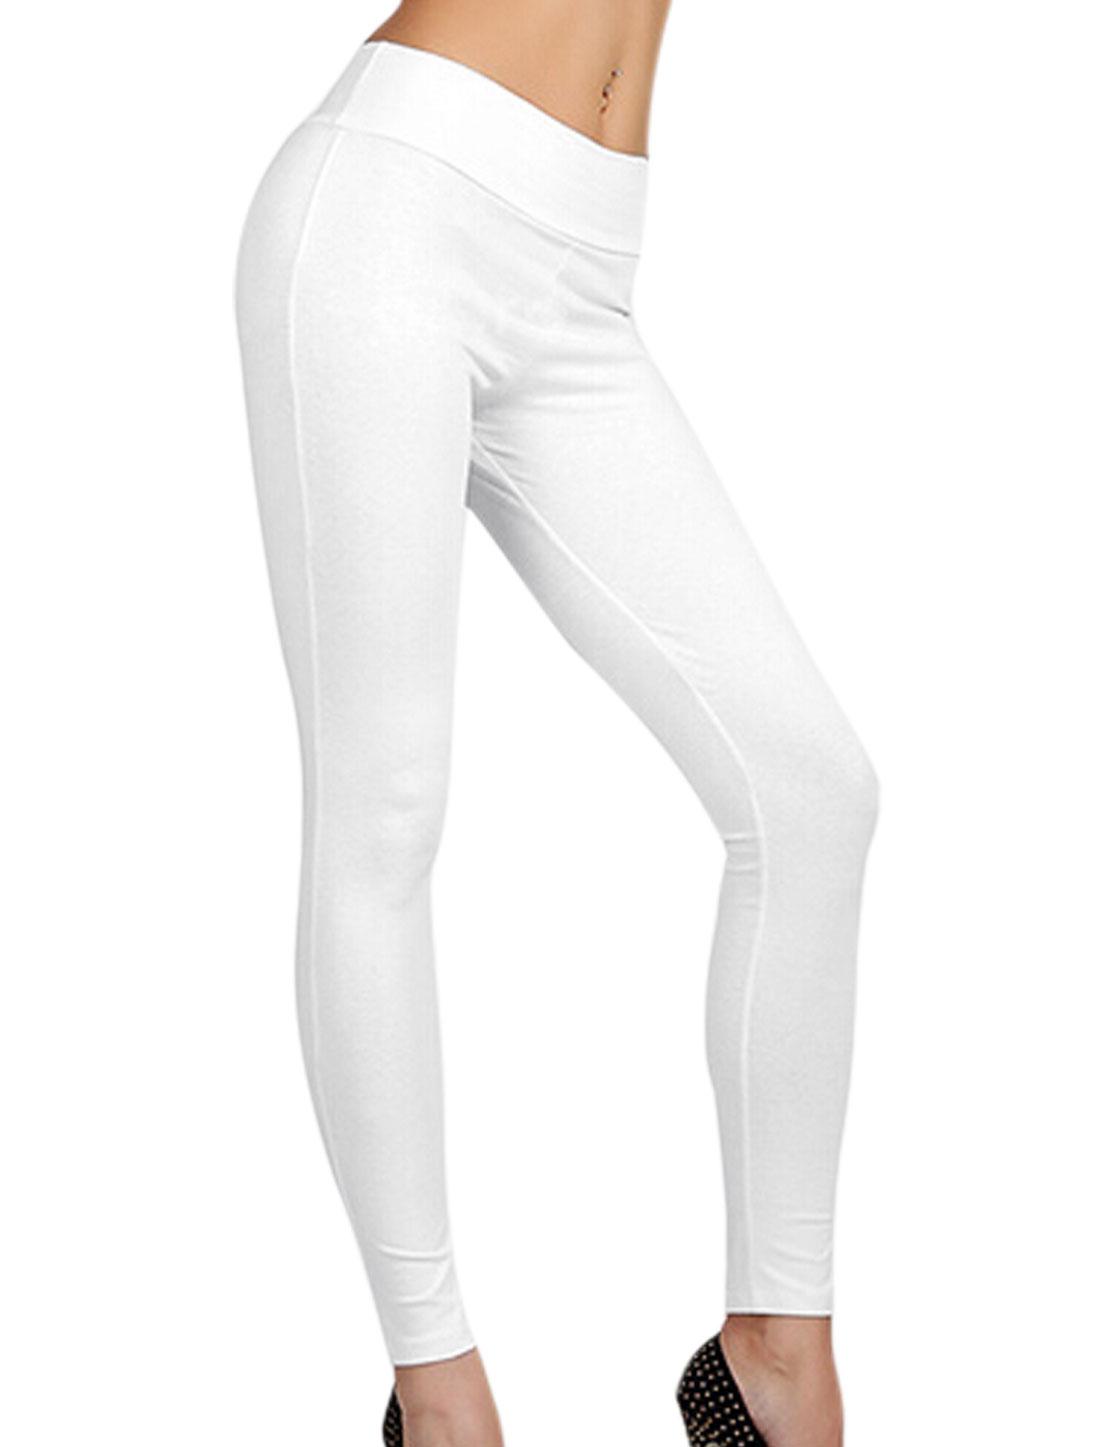 Elastic Waist Zipper Back Leisure Leggings for Women White L